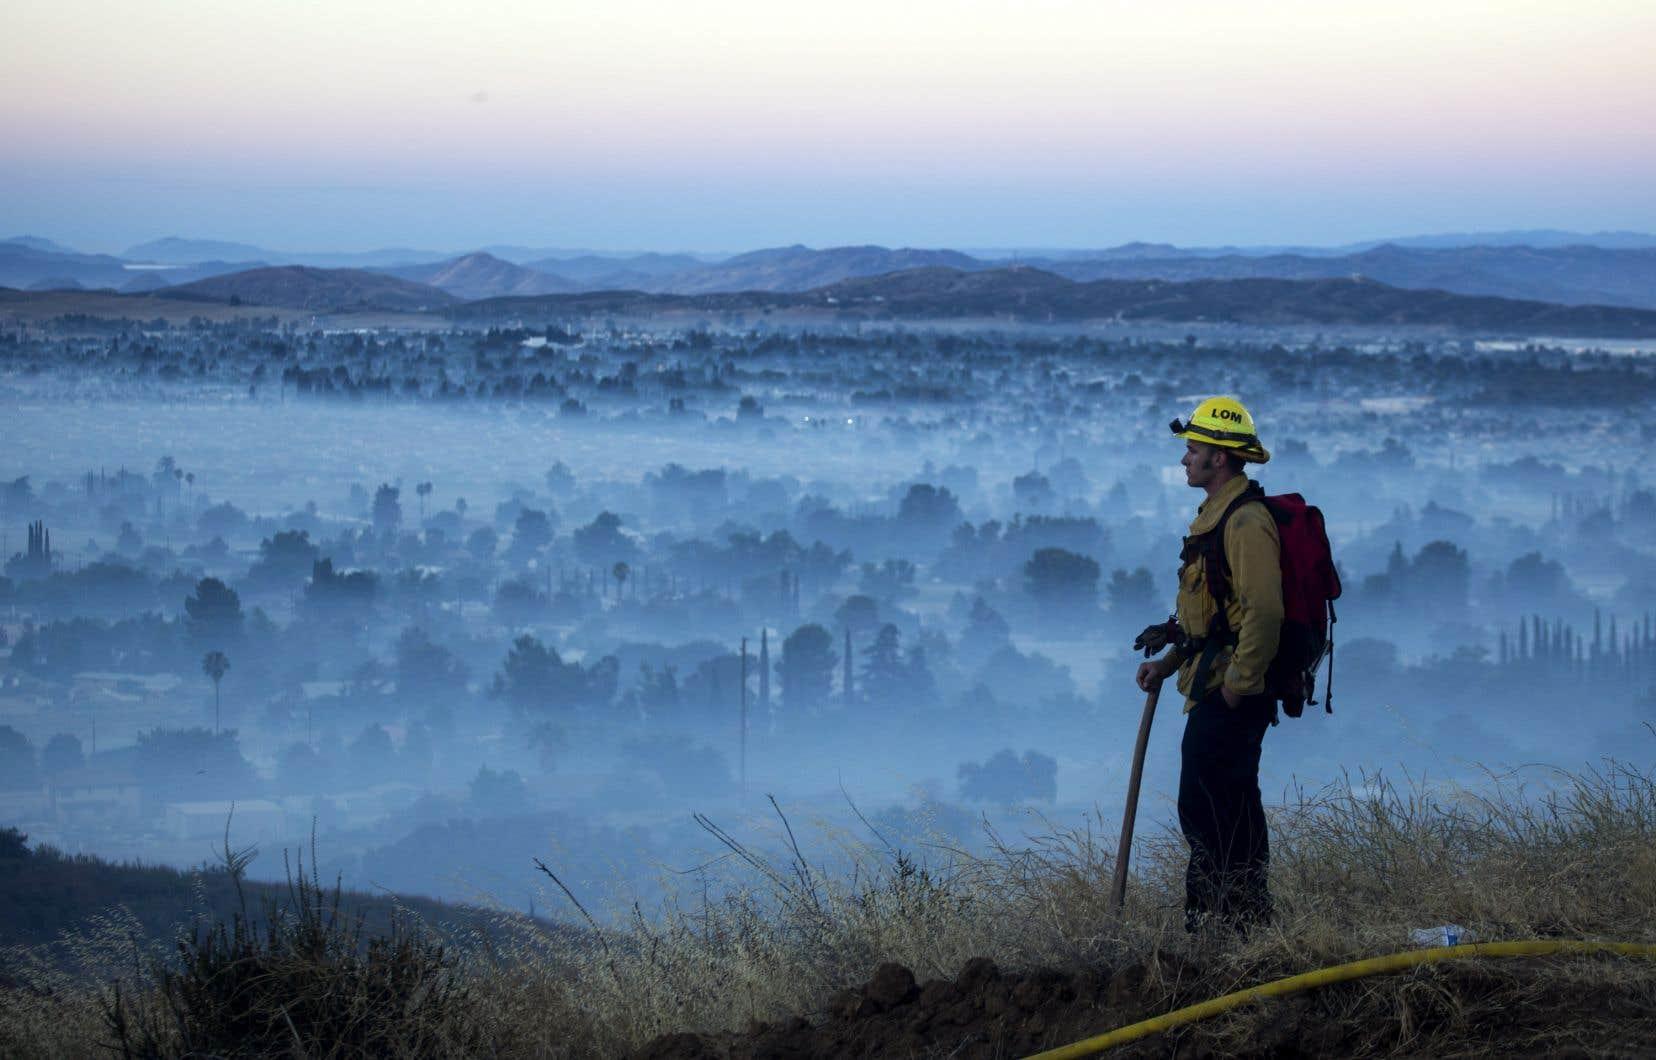 Plus de 1300 pompiers combattent l'incendie surnommé «Apple Fire», qui s'est déclaré vendredi en Californie.